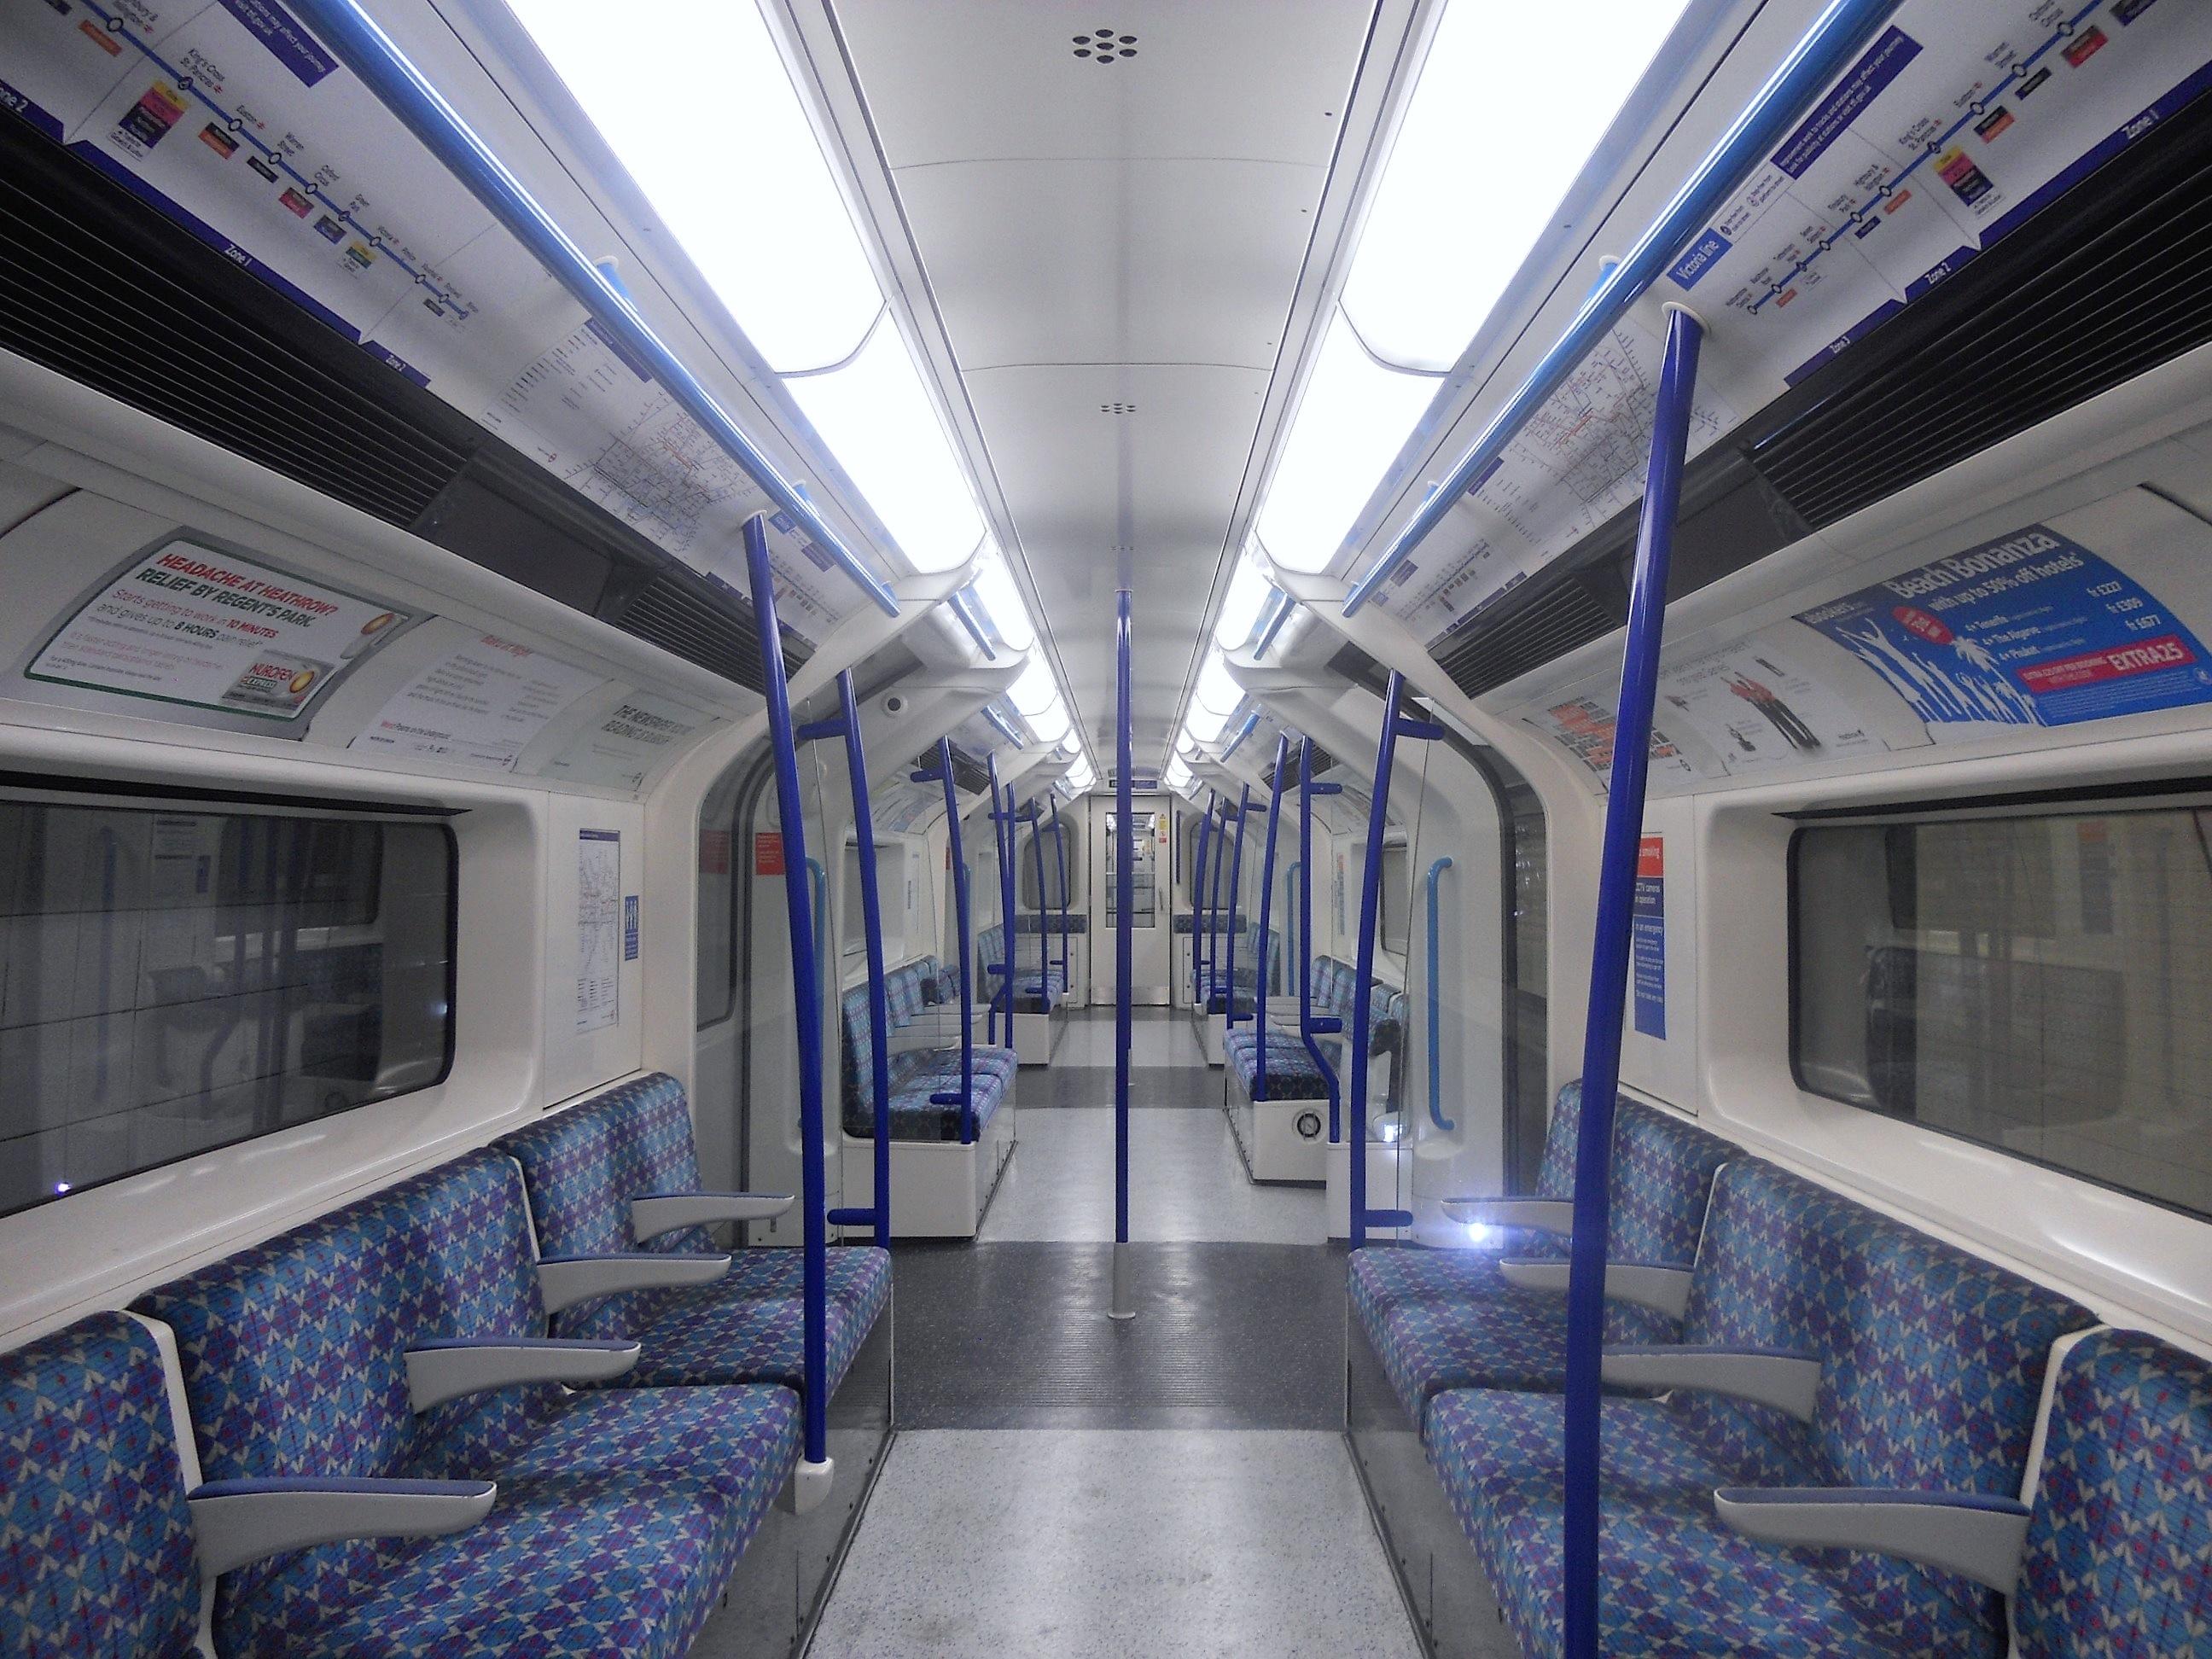 Height To Weight Ratio Chart: London Underground 2009 Stock - Wikipedia,Chart